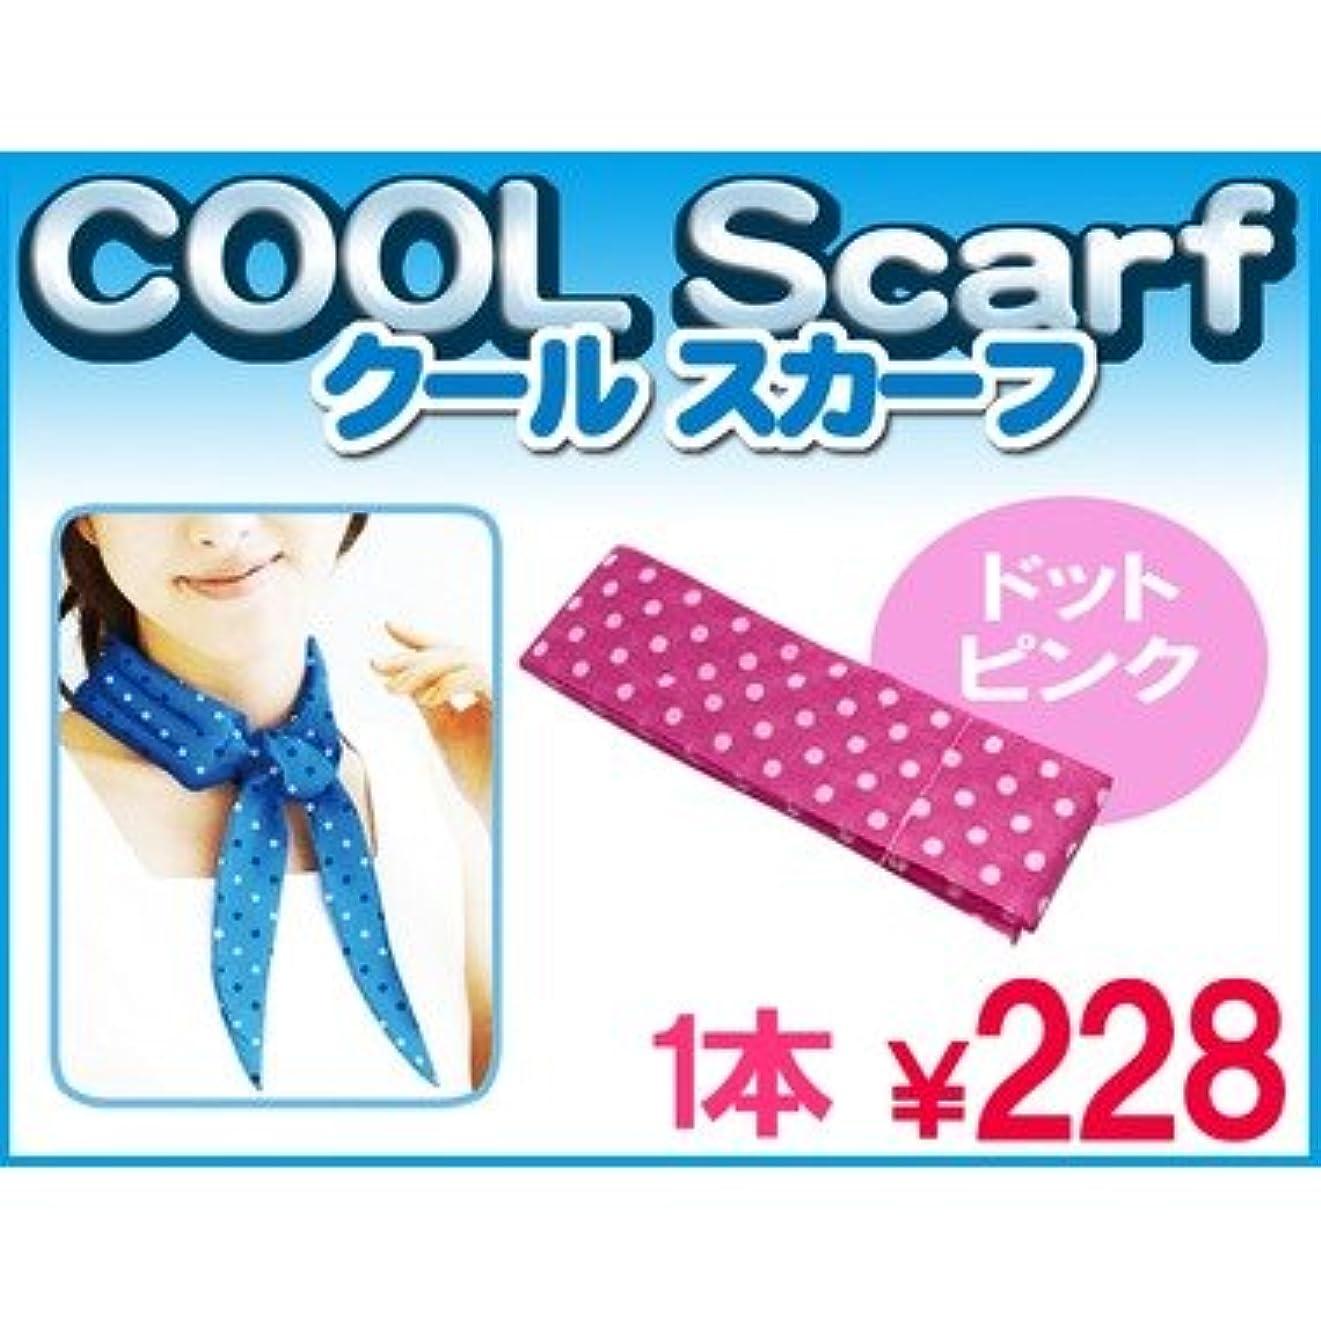 類似性シニスセンチメンタル熱中症予防 ひんやり涼しい クール スカーフ ピンク&ドット